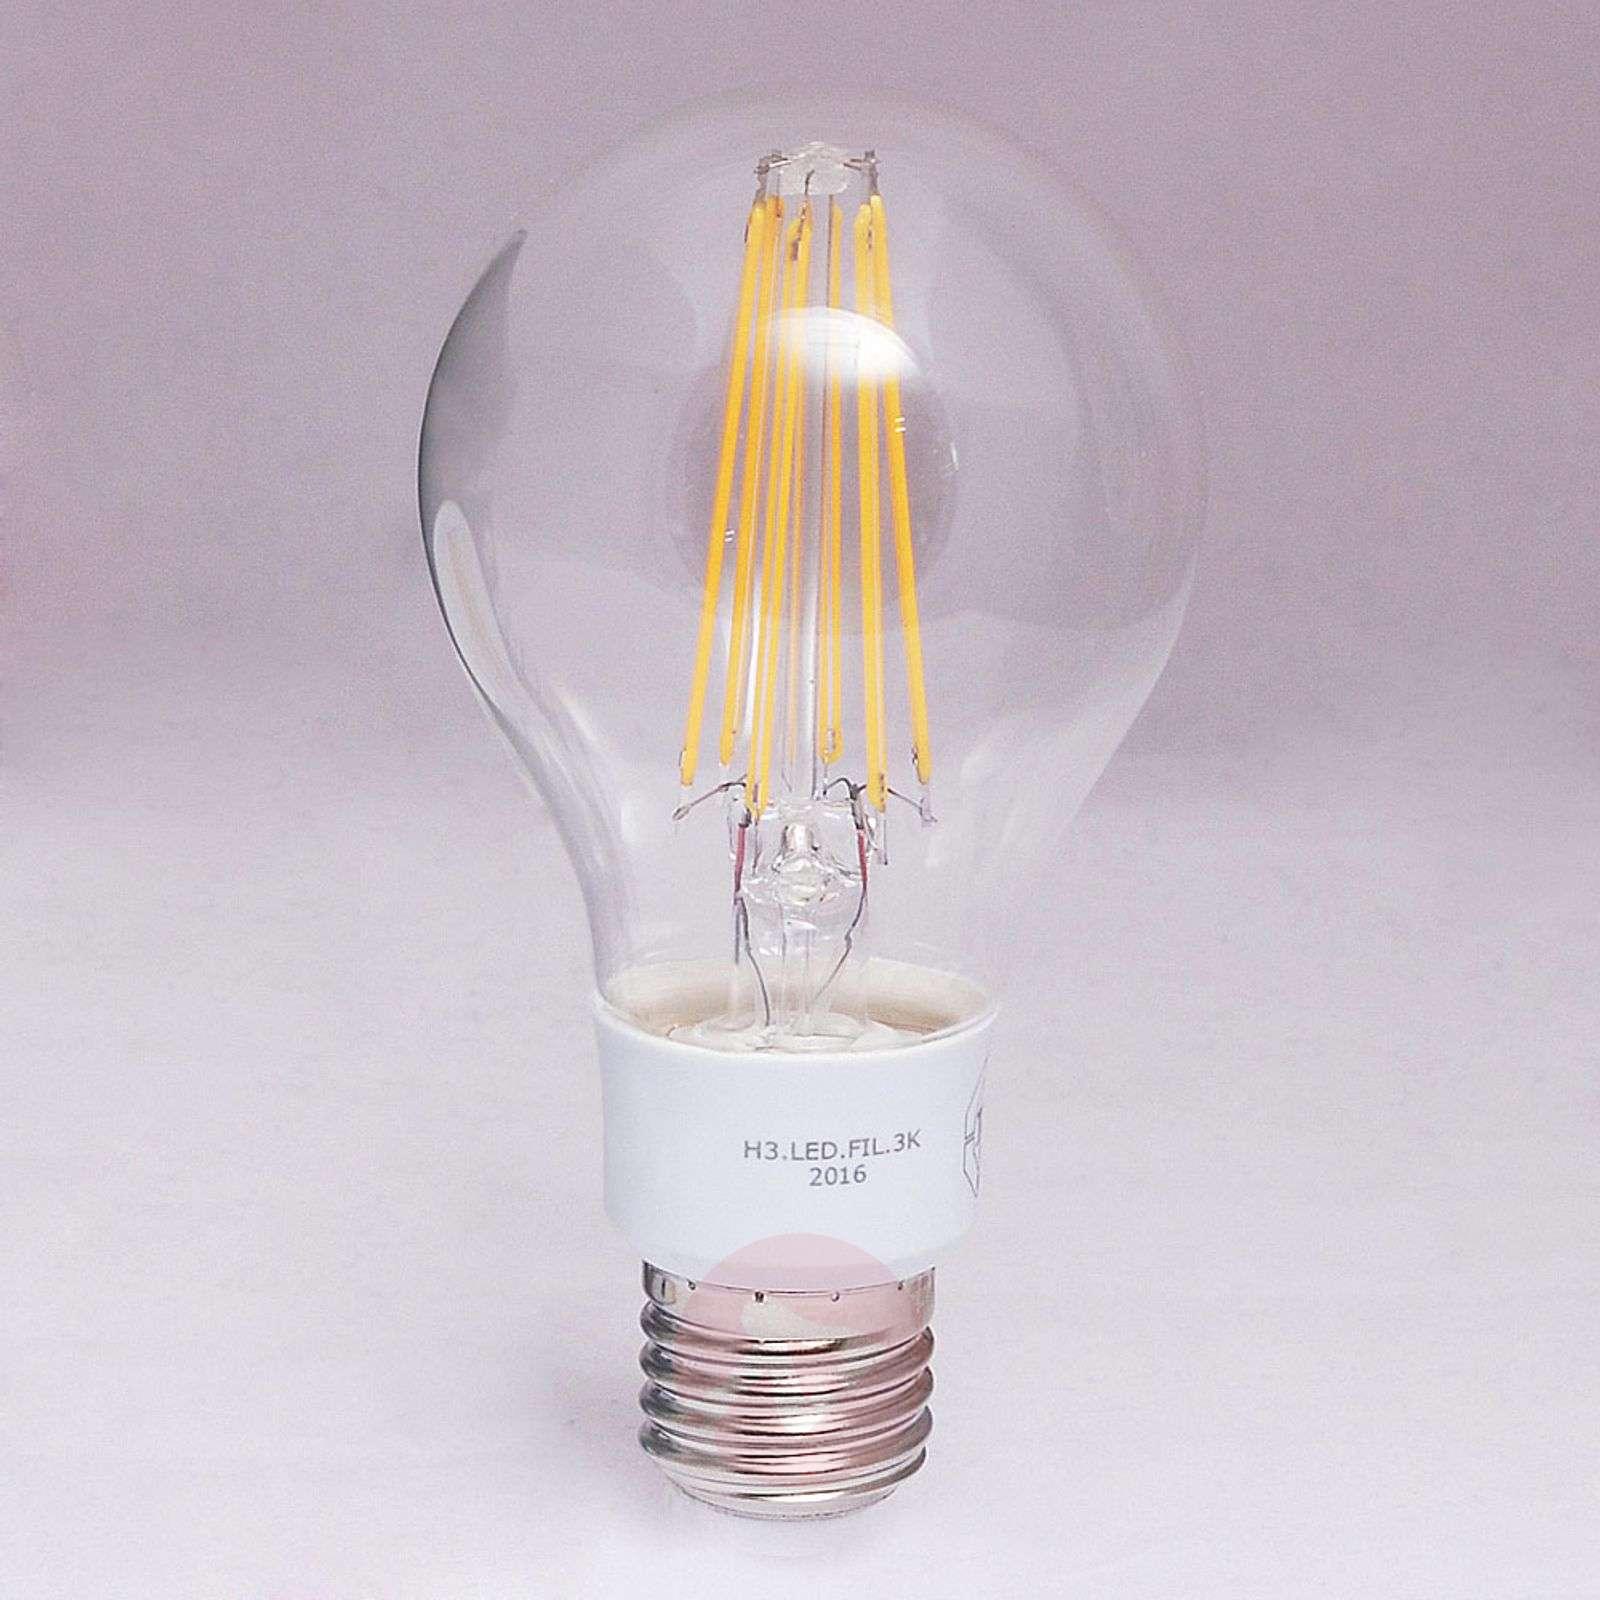 E27 12W 827 LED-filamenttilamppu